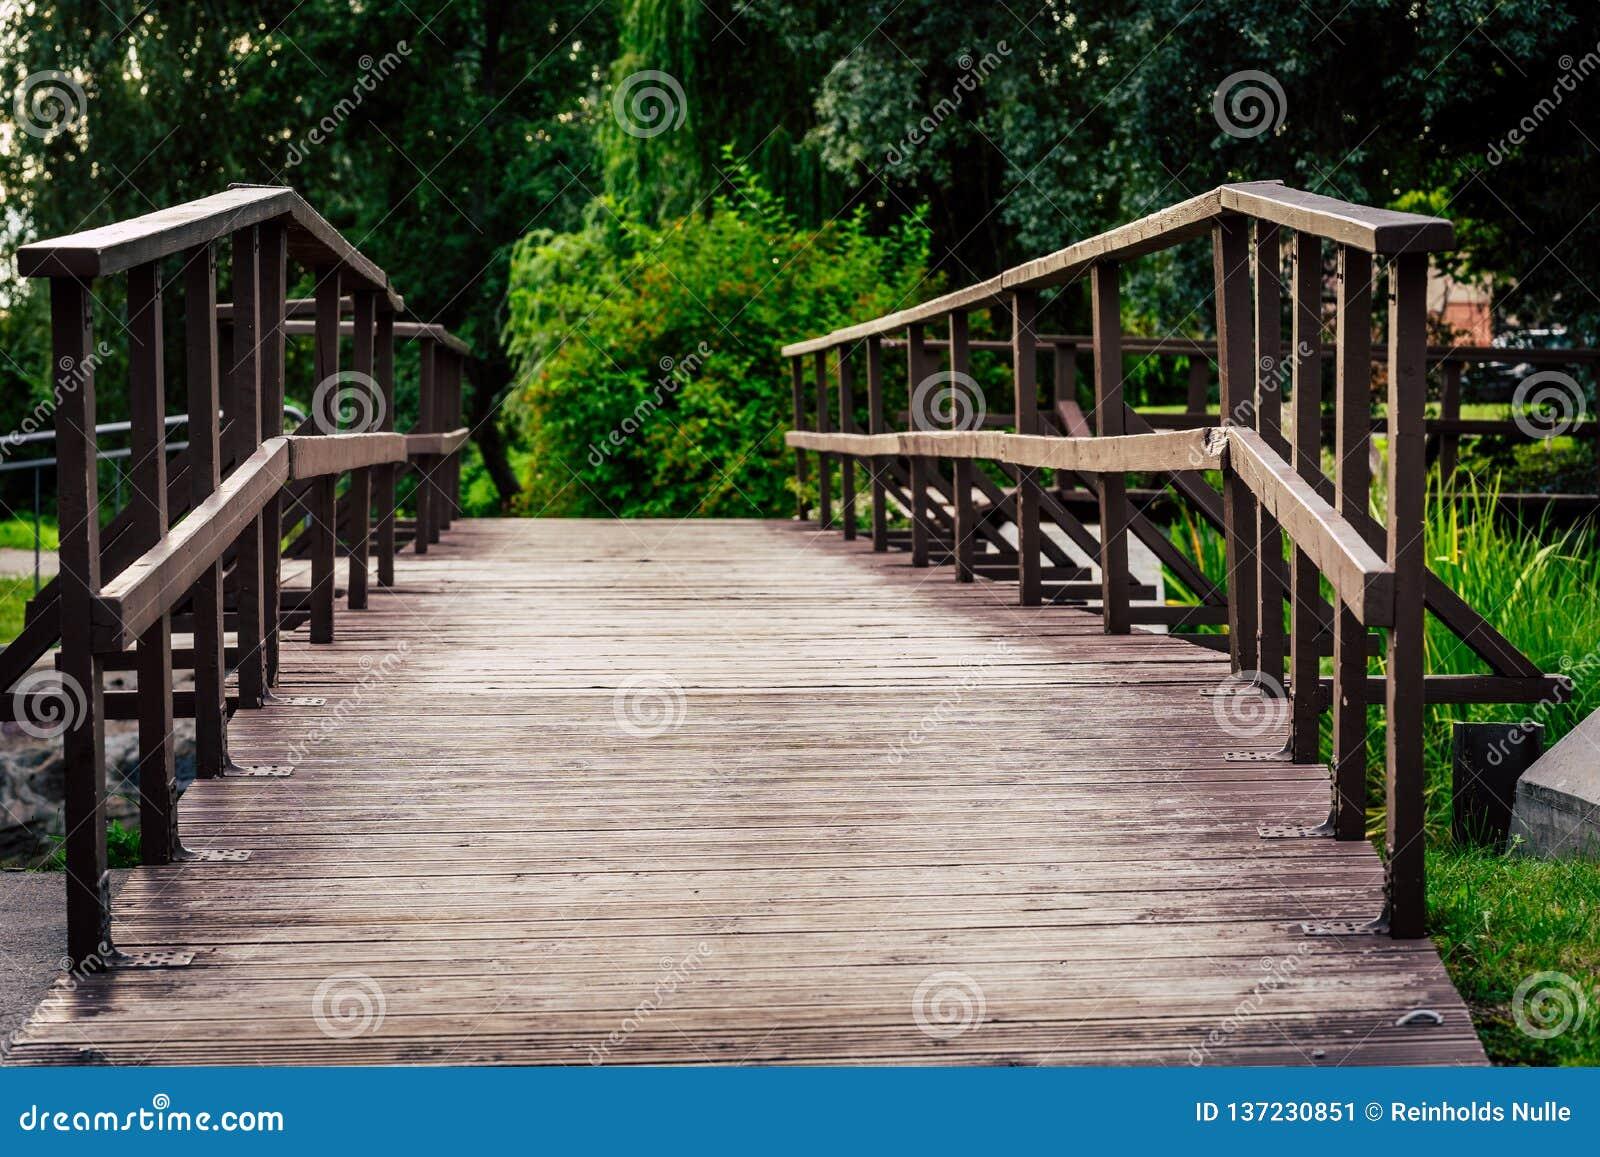 Schwermütiges Foto der Wodden-Brücke in einem Park, zwischen dem Holz - Desaturated, Weinlese-Blick